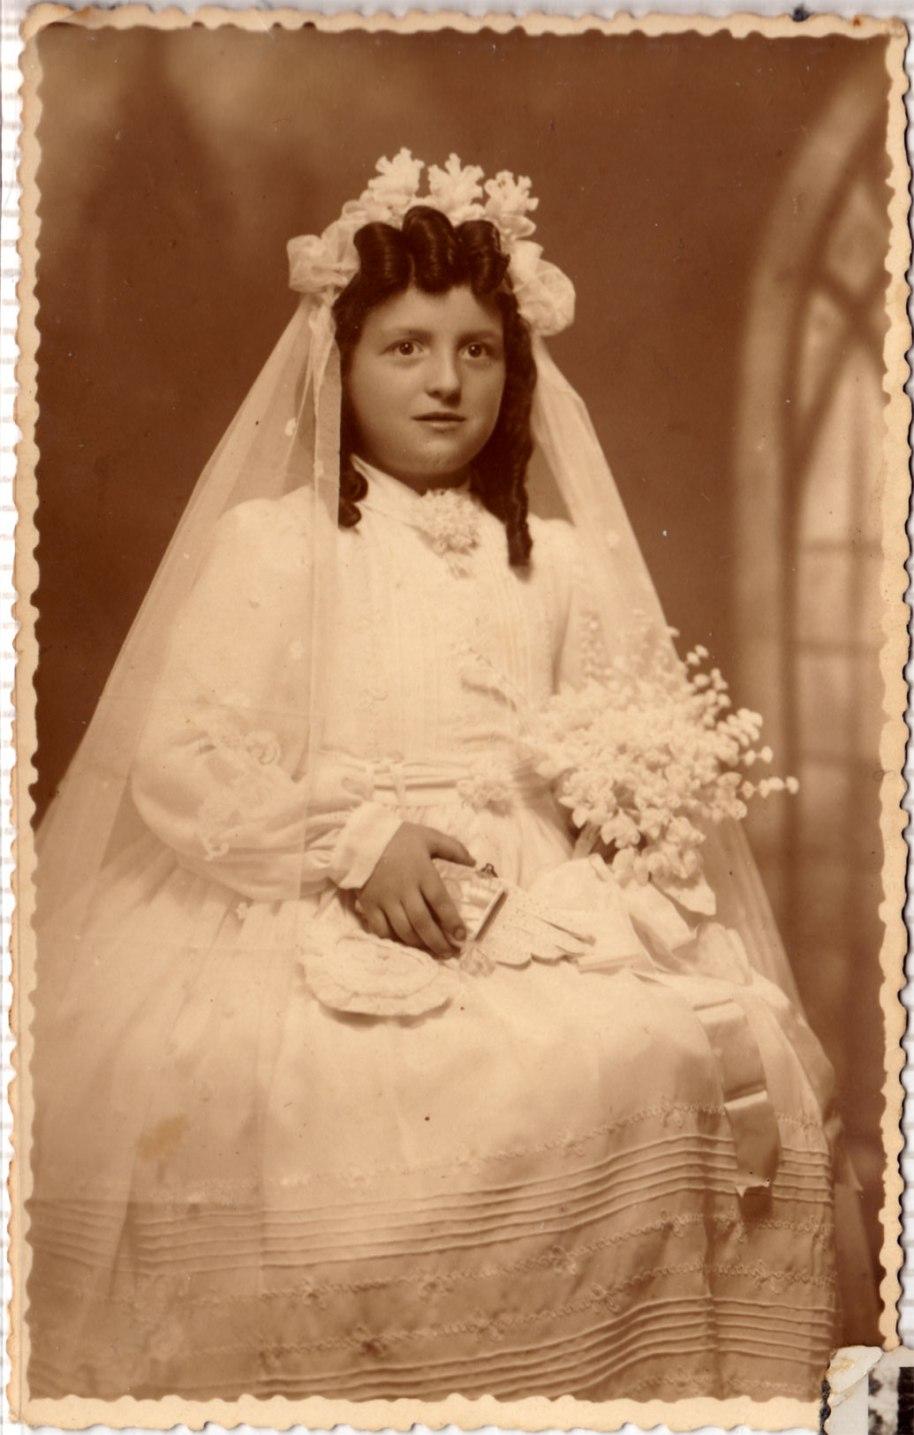 Abusant de la generositat d'Isabel, incloem aquesta espectacular foto d'estudi amb vestit de comunió impressionant, increïbles tirabuixons, ramell, missal, guants, rosari, etc.